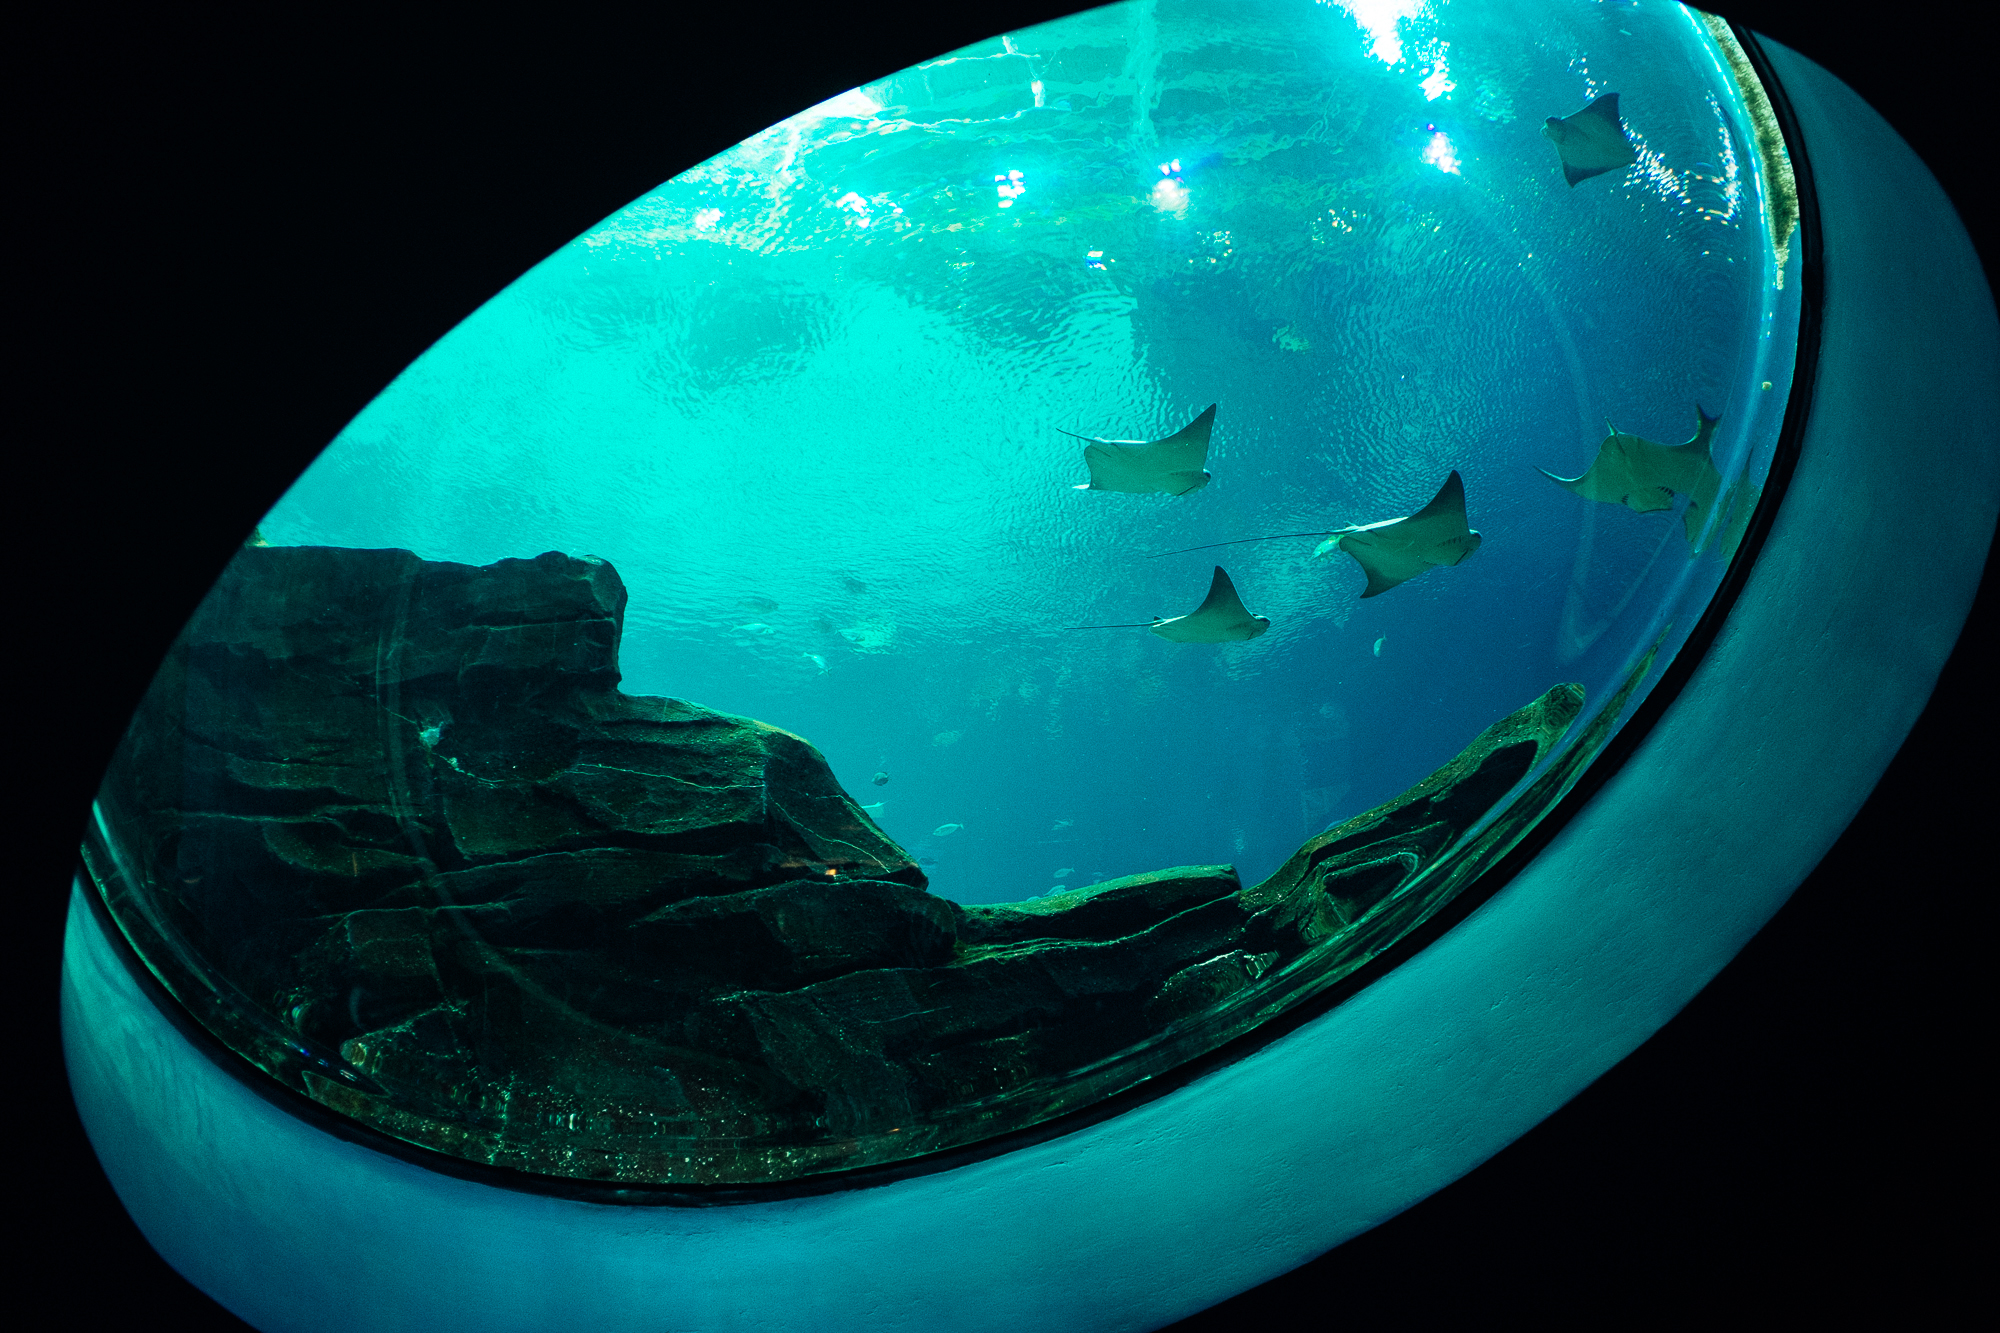 Aquarium-Fujifilm-X100s-6.jpg